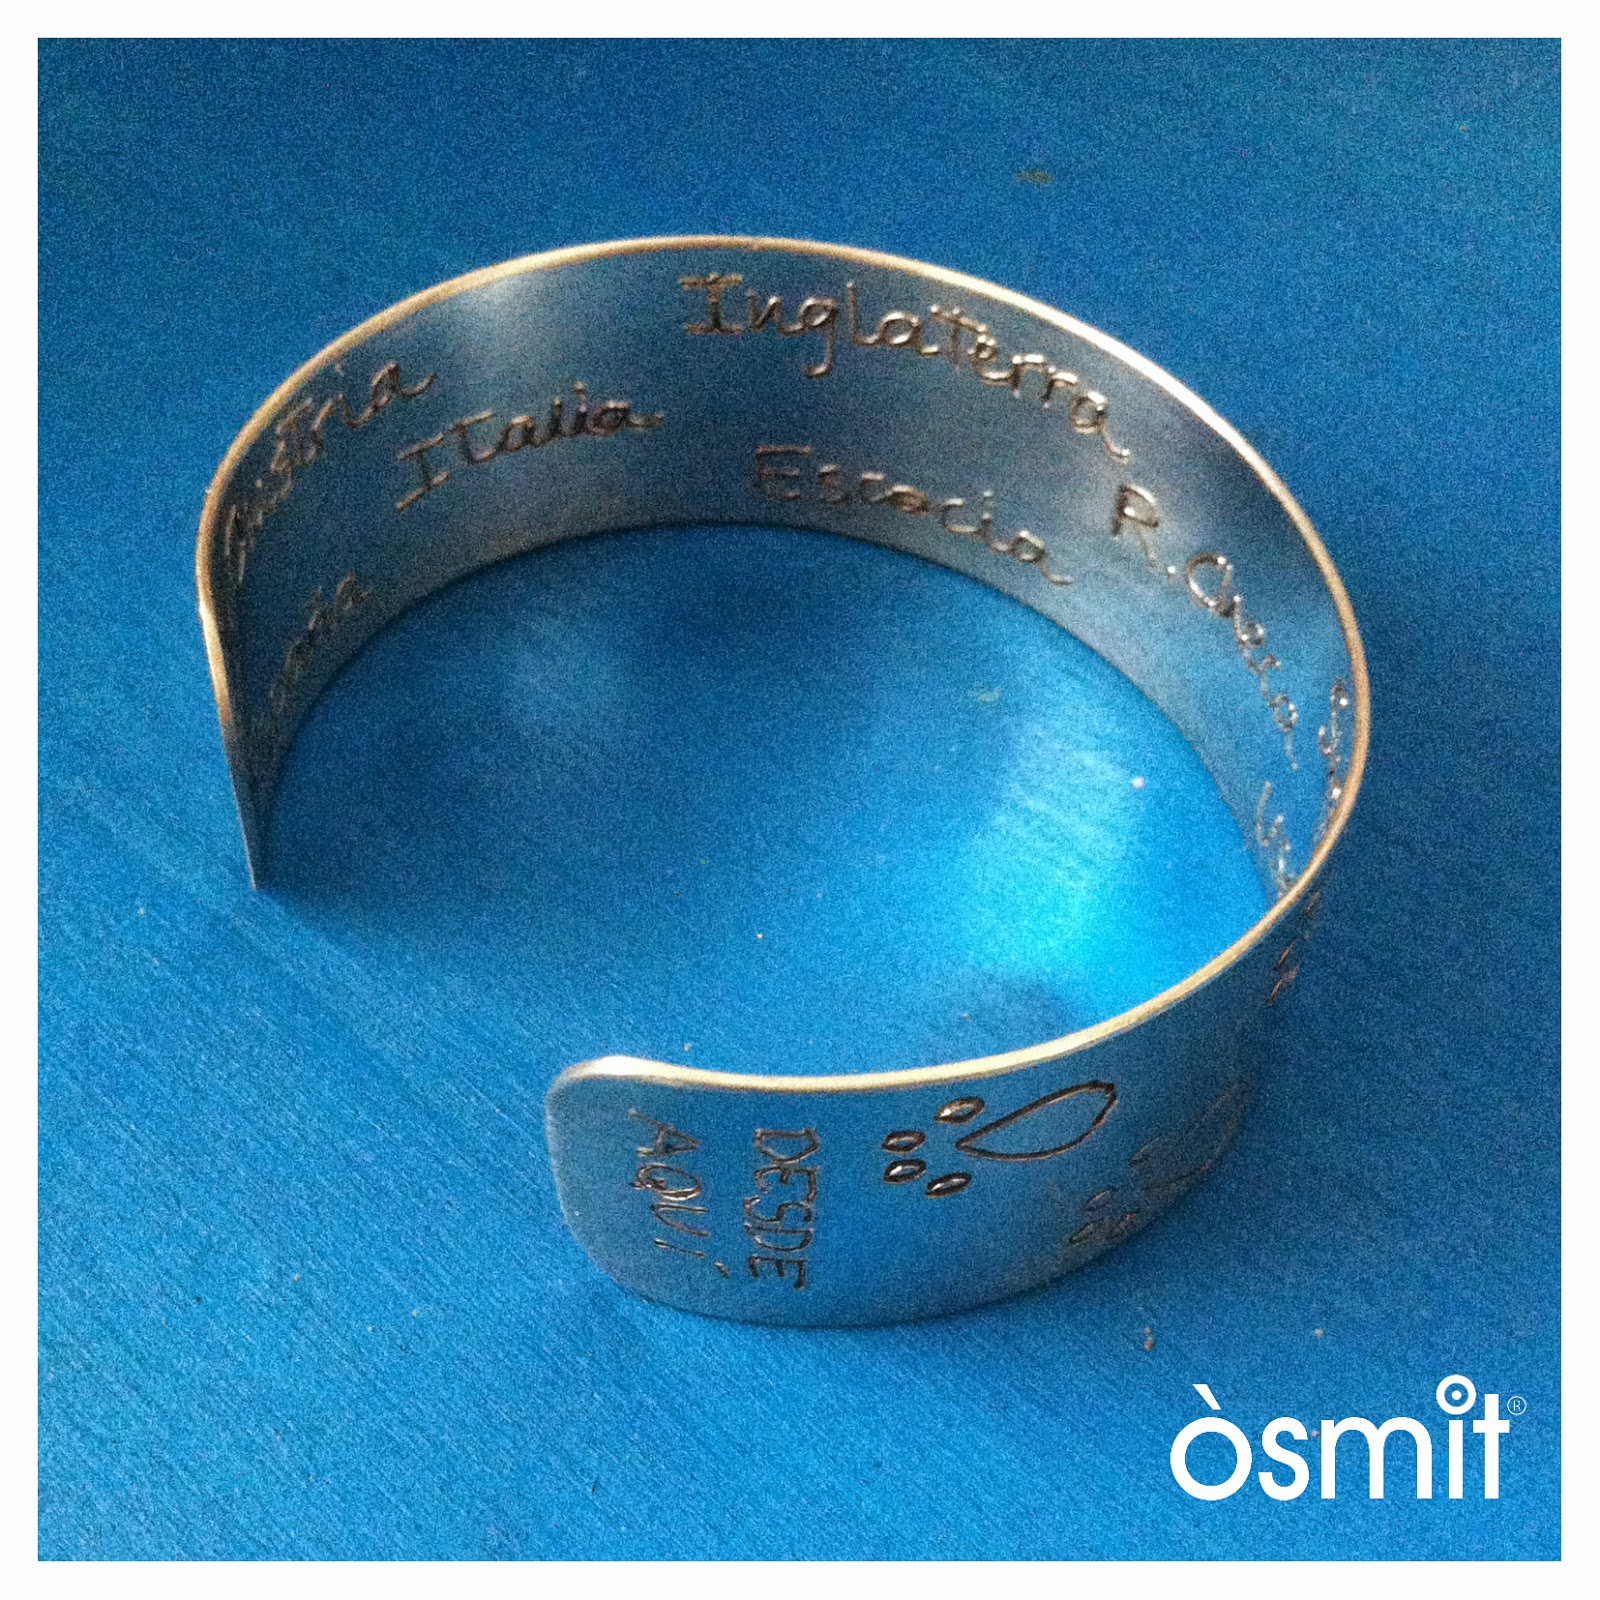 bracelet amb text osmit joies